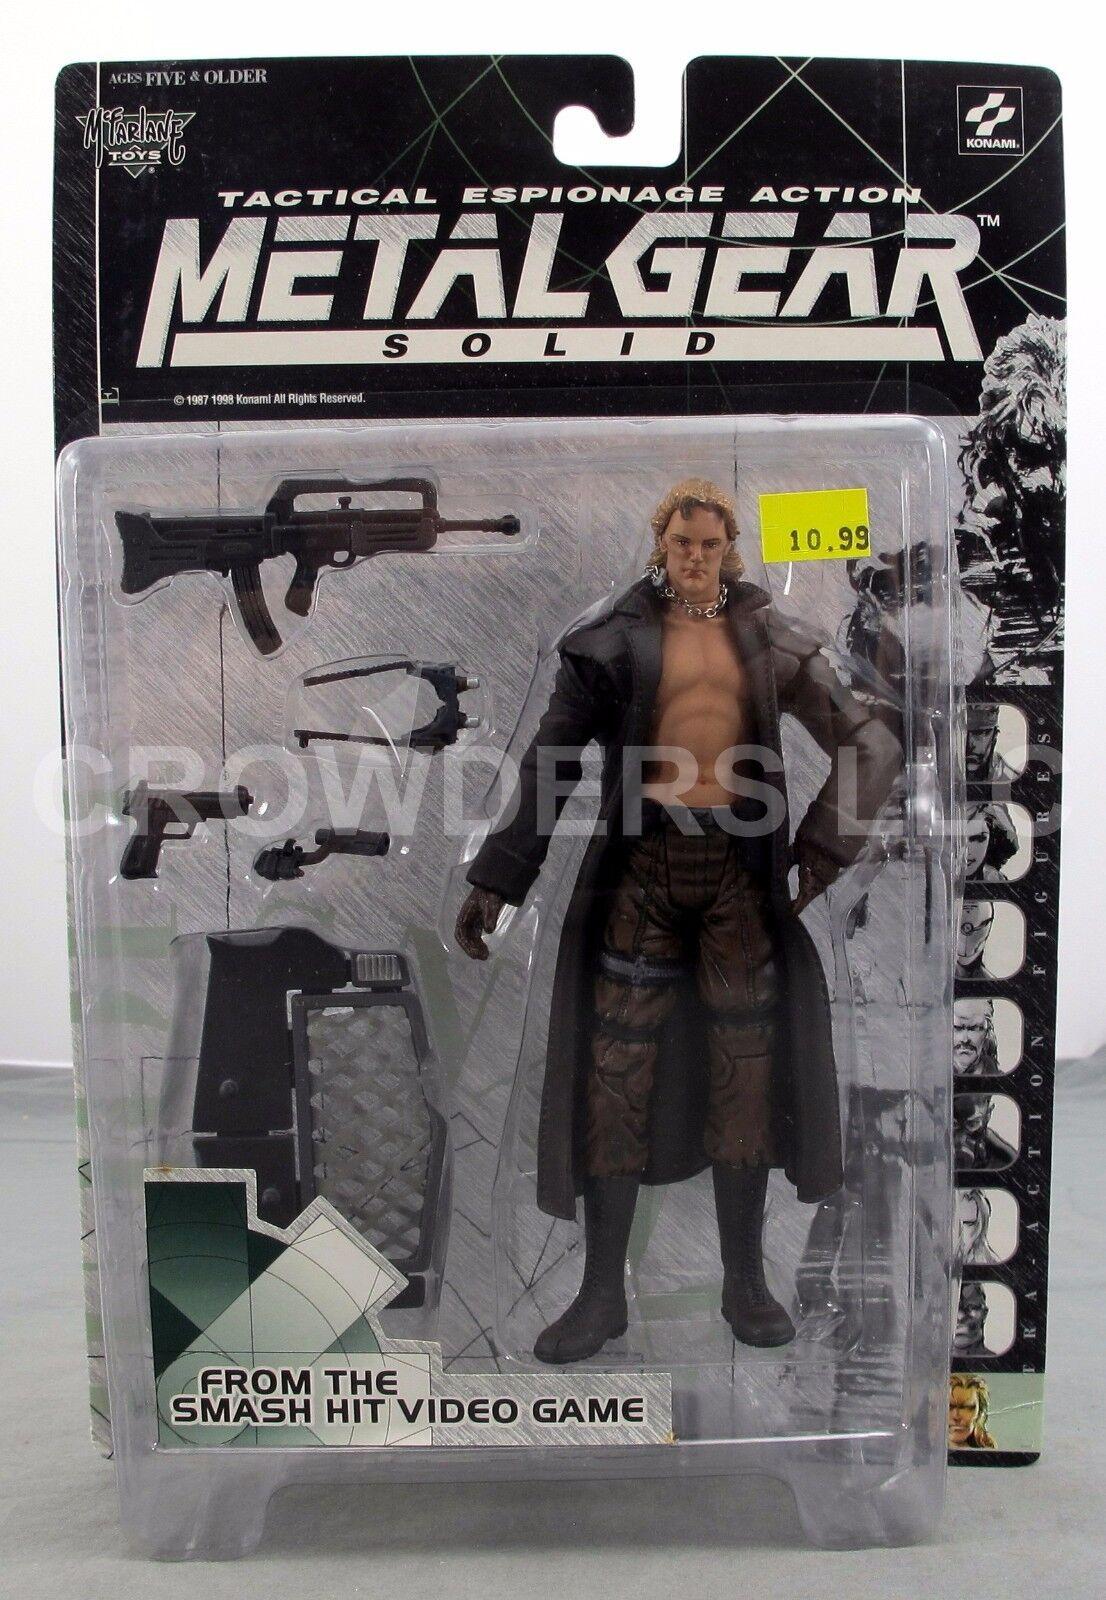 Metal gear solid taktische spionage handeln flüssigkeit schlange mcfarlane 98 nip variante